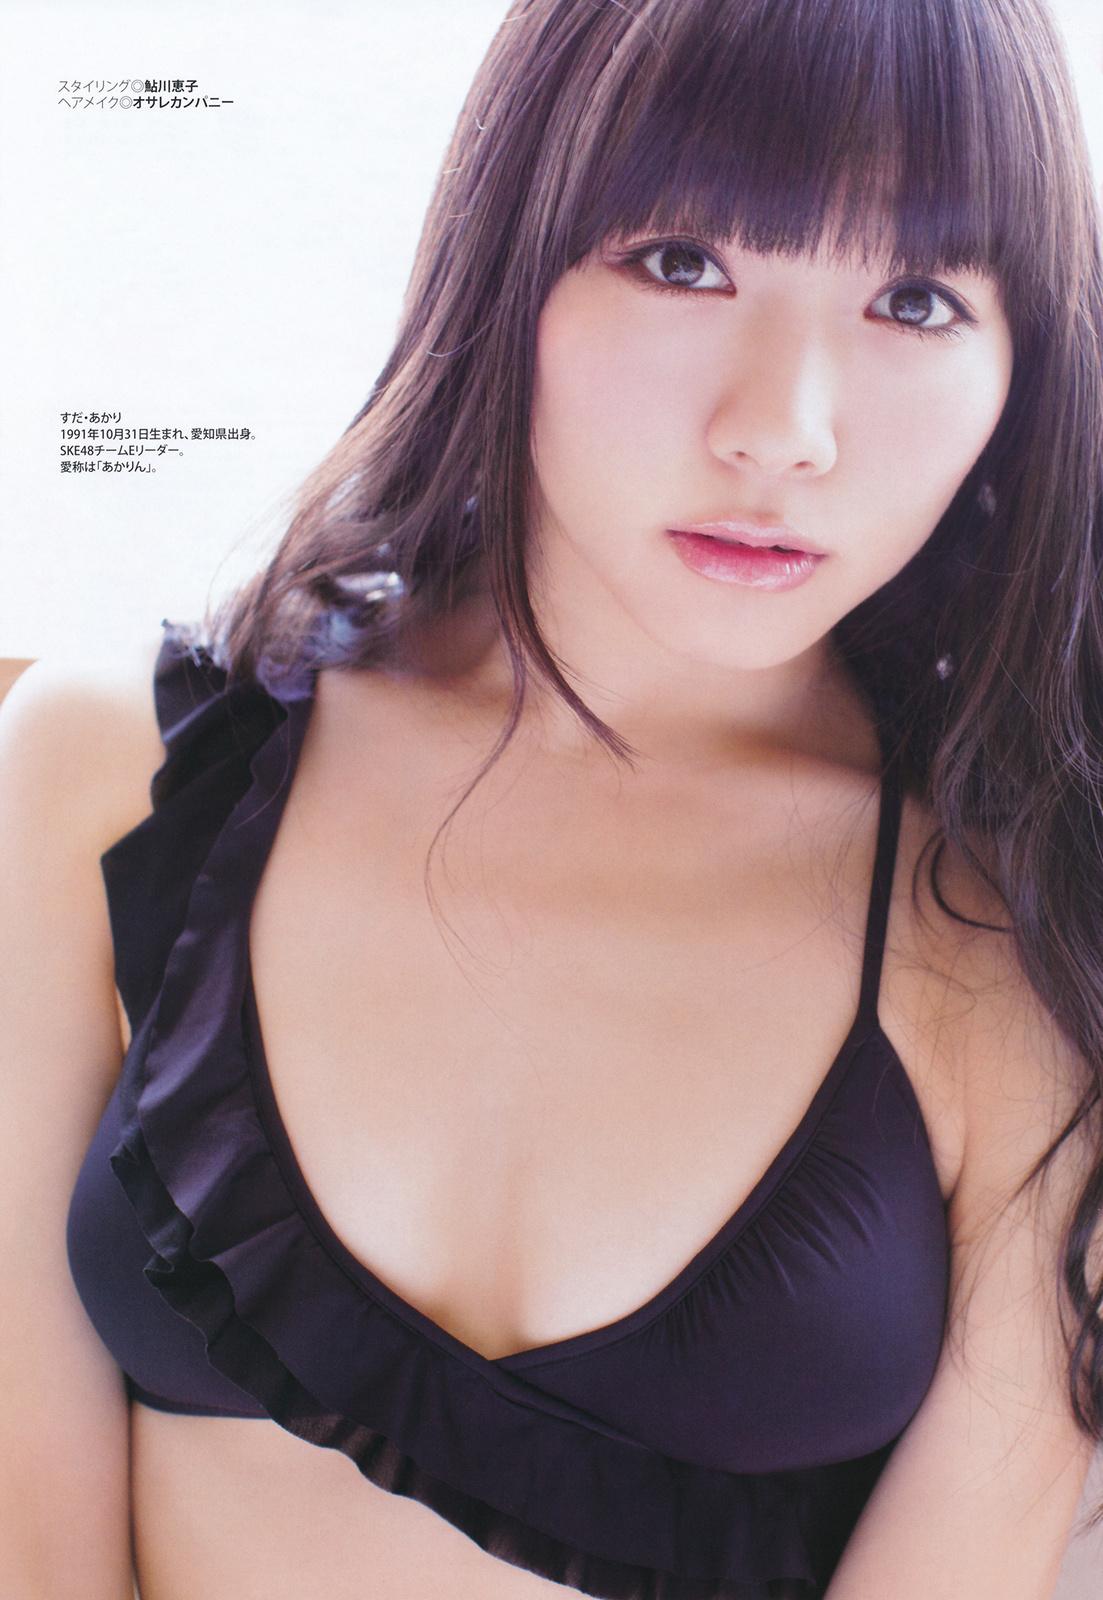 yukikax imagesize:500x726 @u306e u753b u50cf